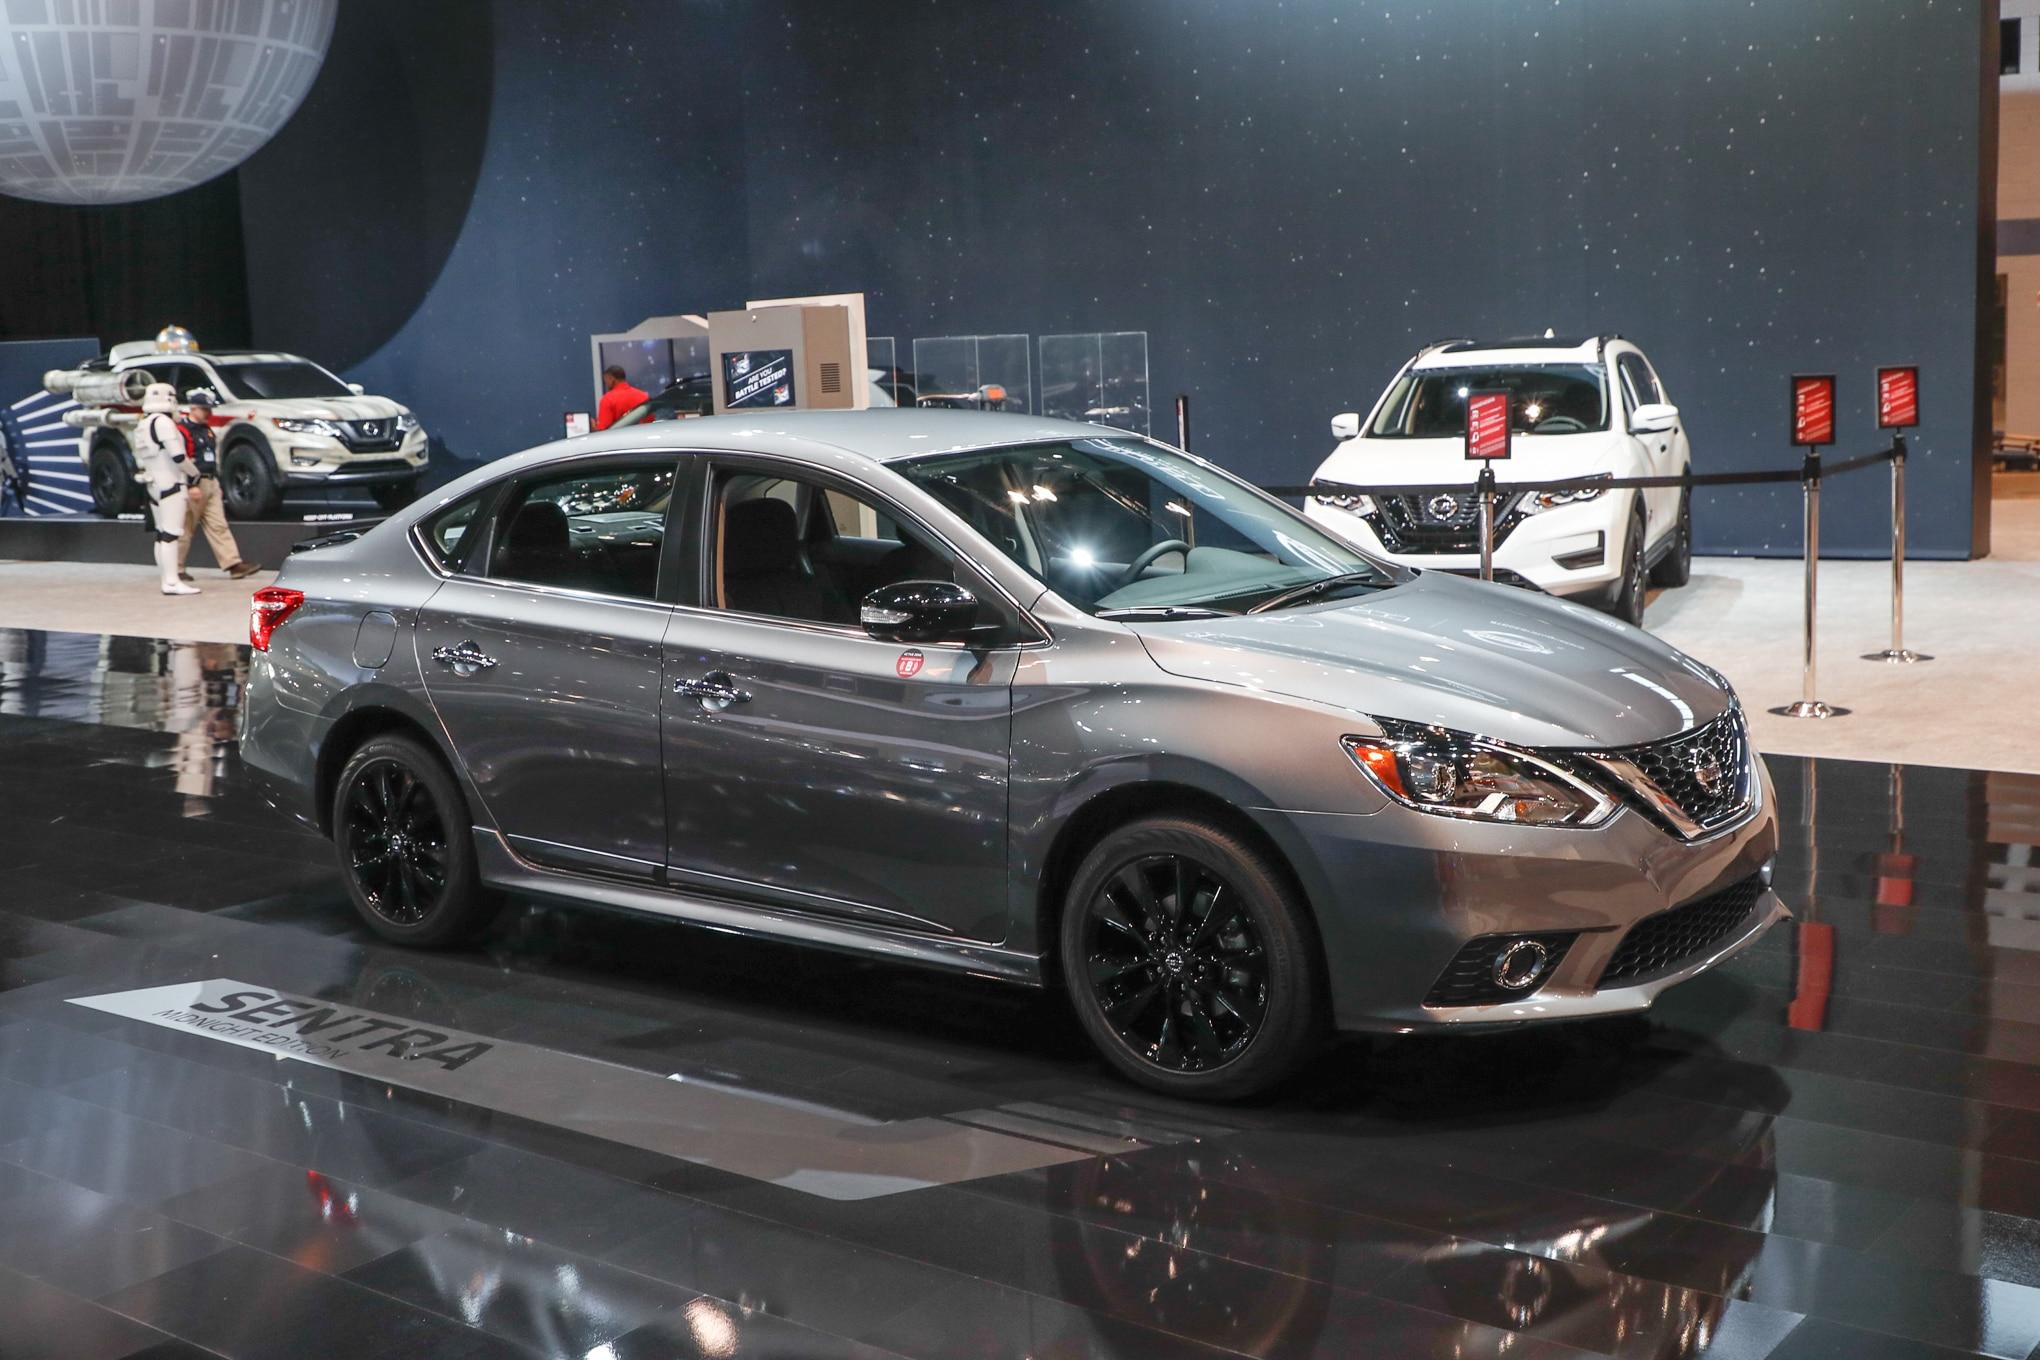 2017 Nissan Sentra SR Midnight Edition front three quarter 2